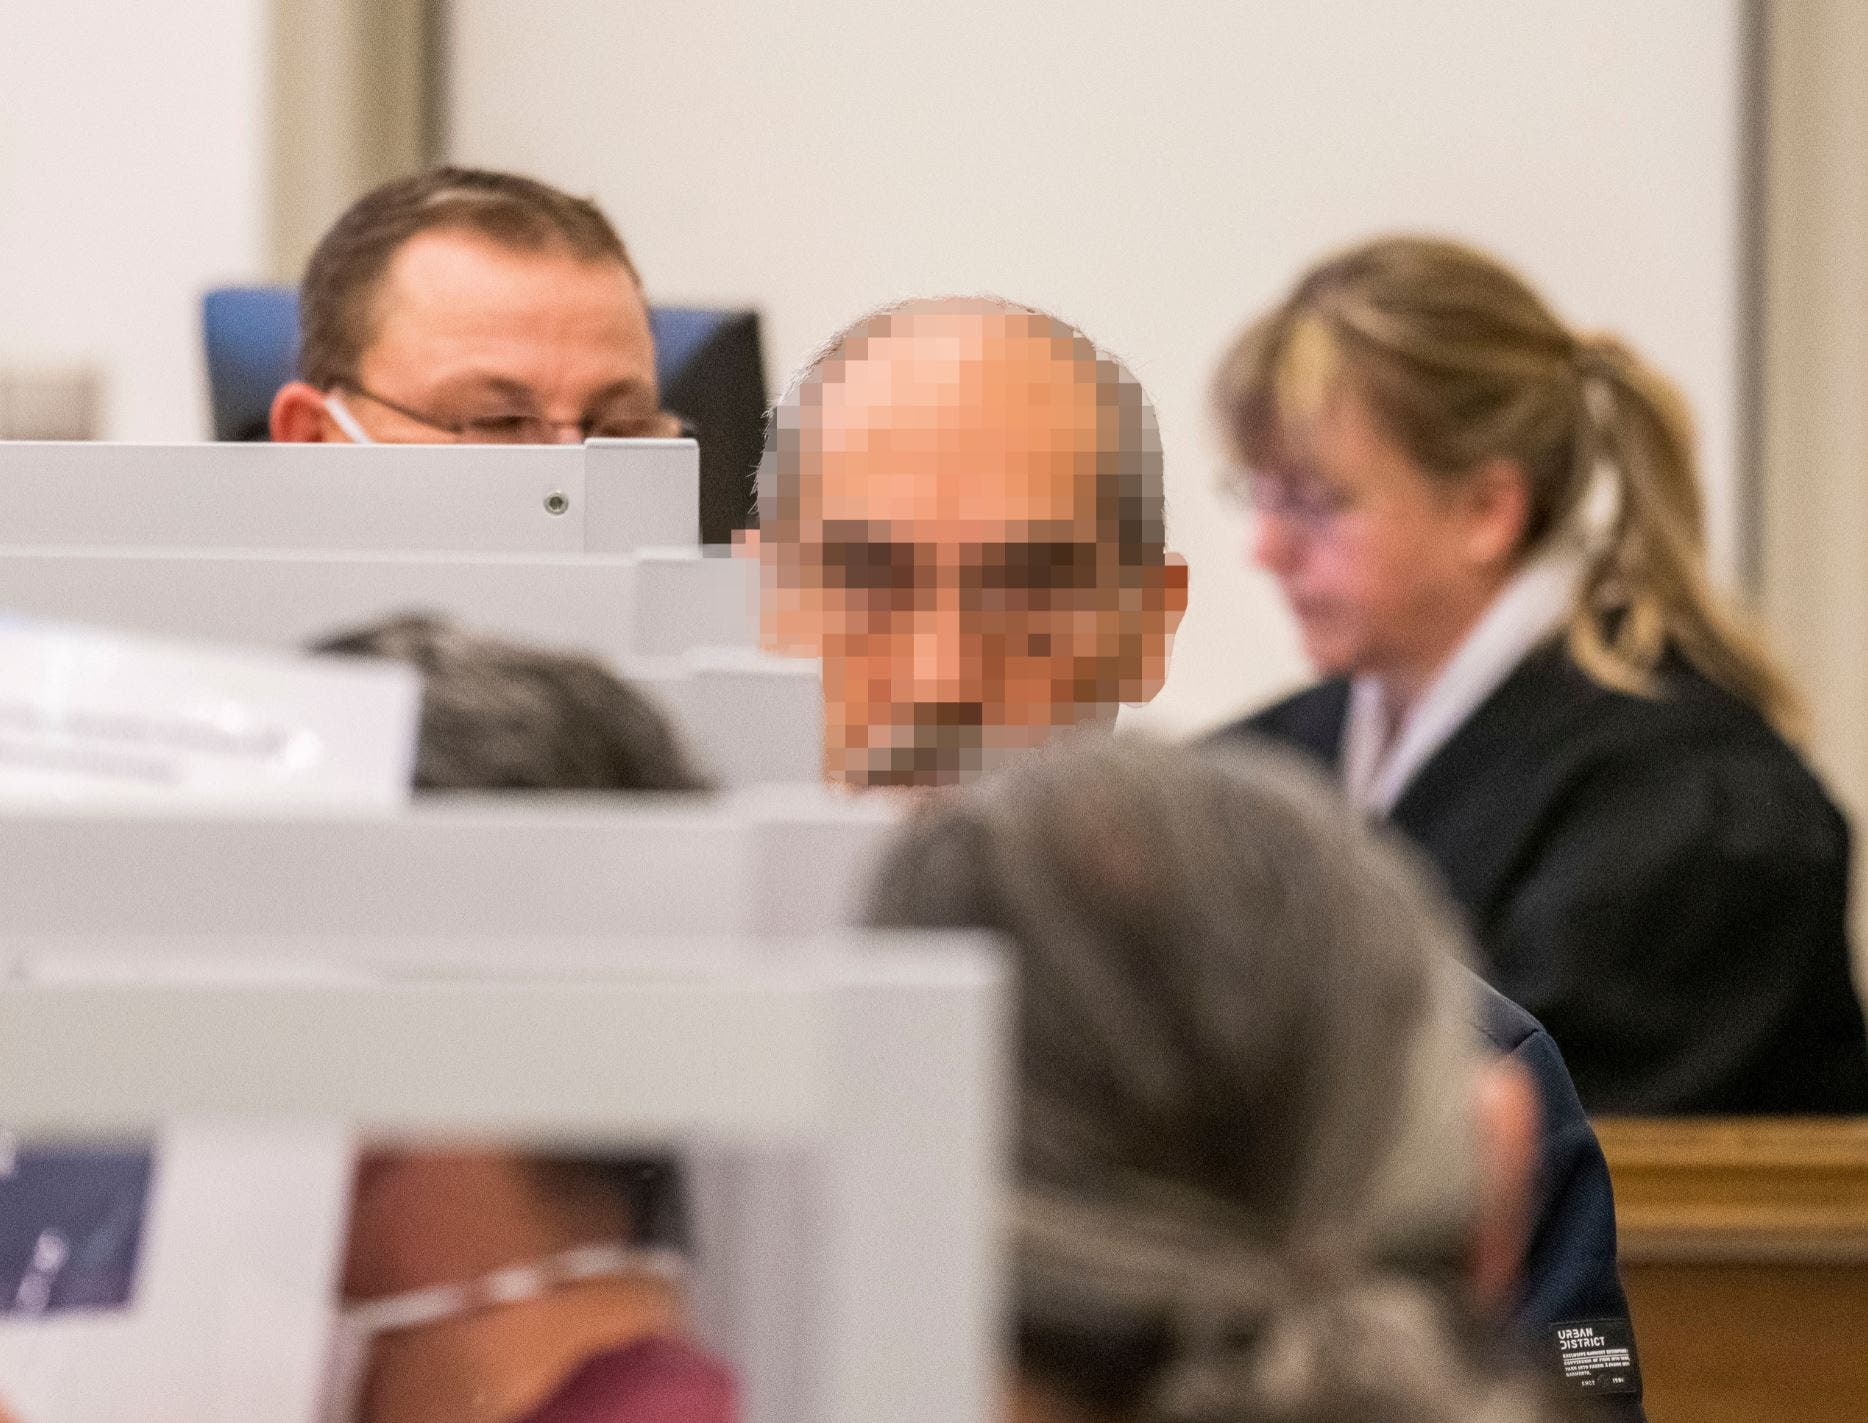 أنور رسلان مموه الوجه أثناء المحاكمة (رويترز)